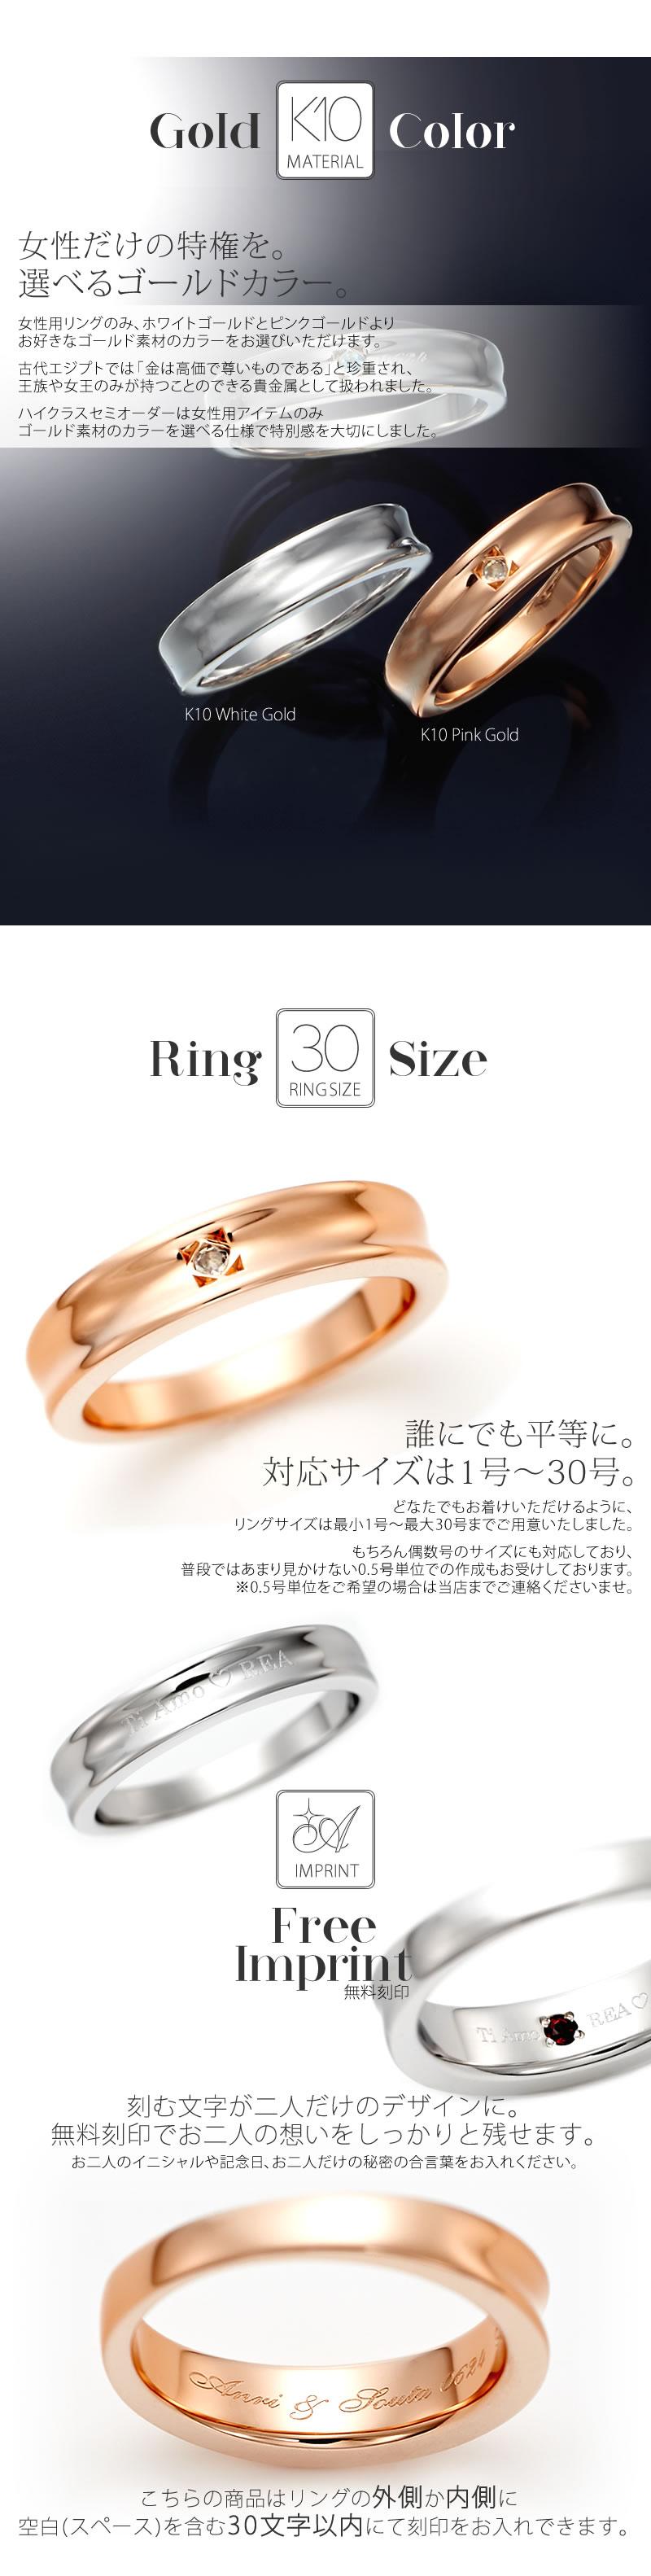 ゴールドカラー 1号〜30号まで対応 無料刻印